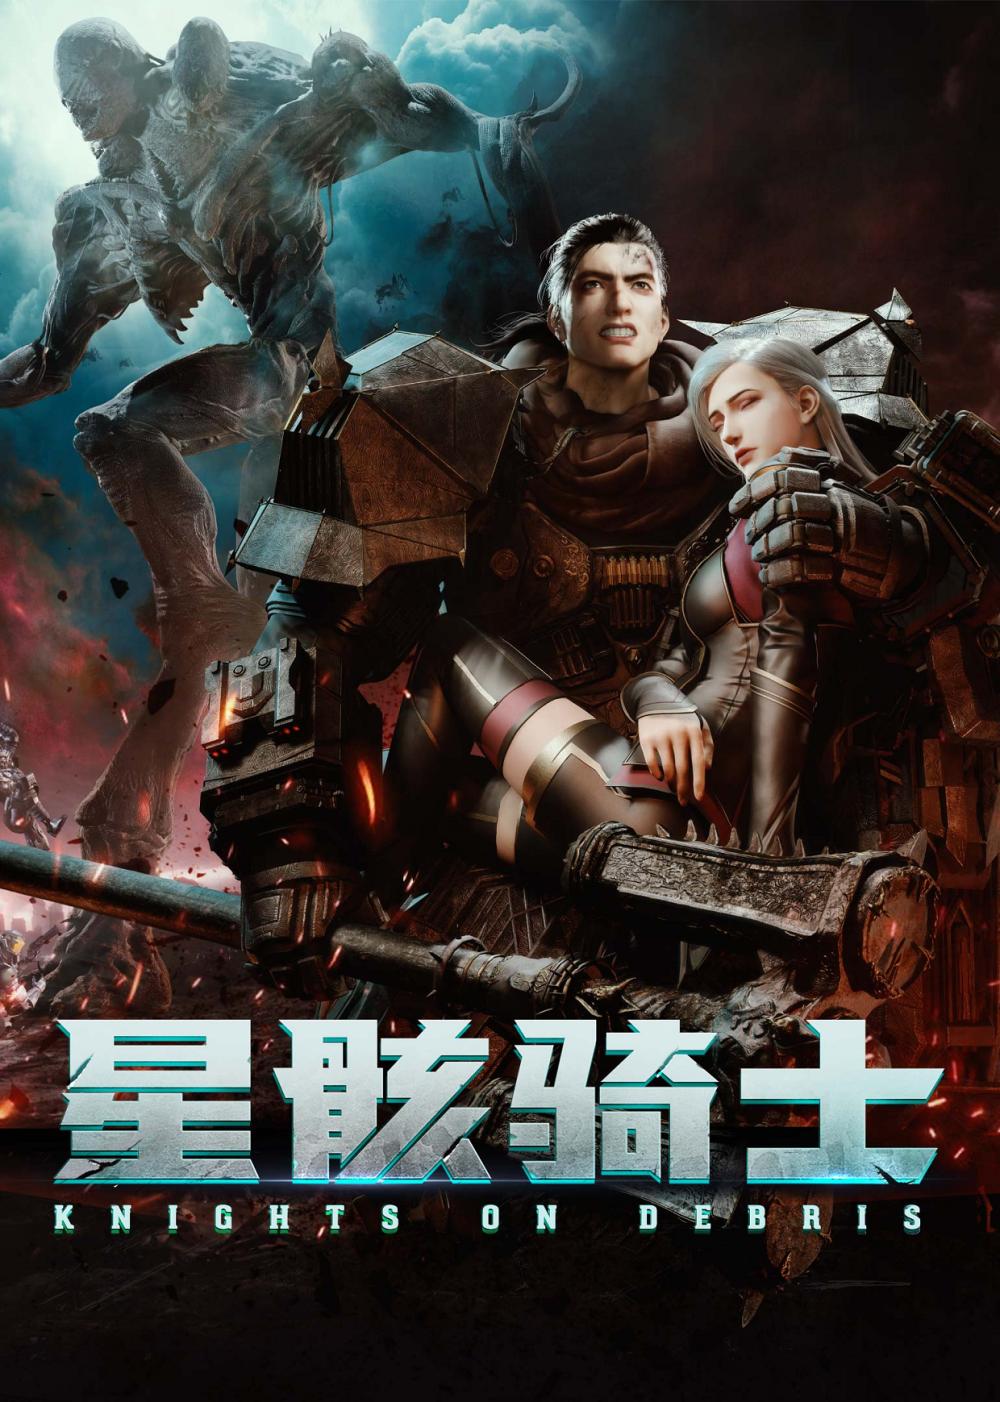 [国漫][星骸骑士][Knights on Debris][2020][01-14 Fin][AVC][GB][1080P][GM-Team]_1